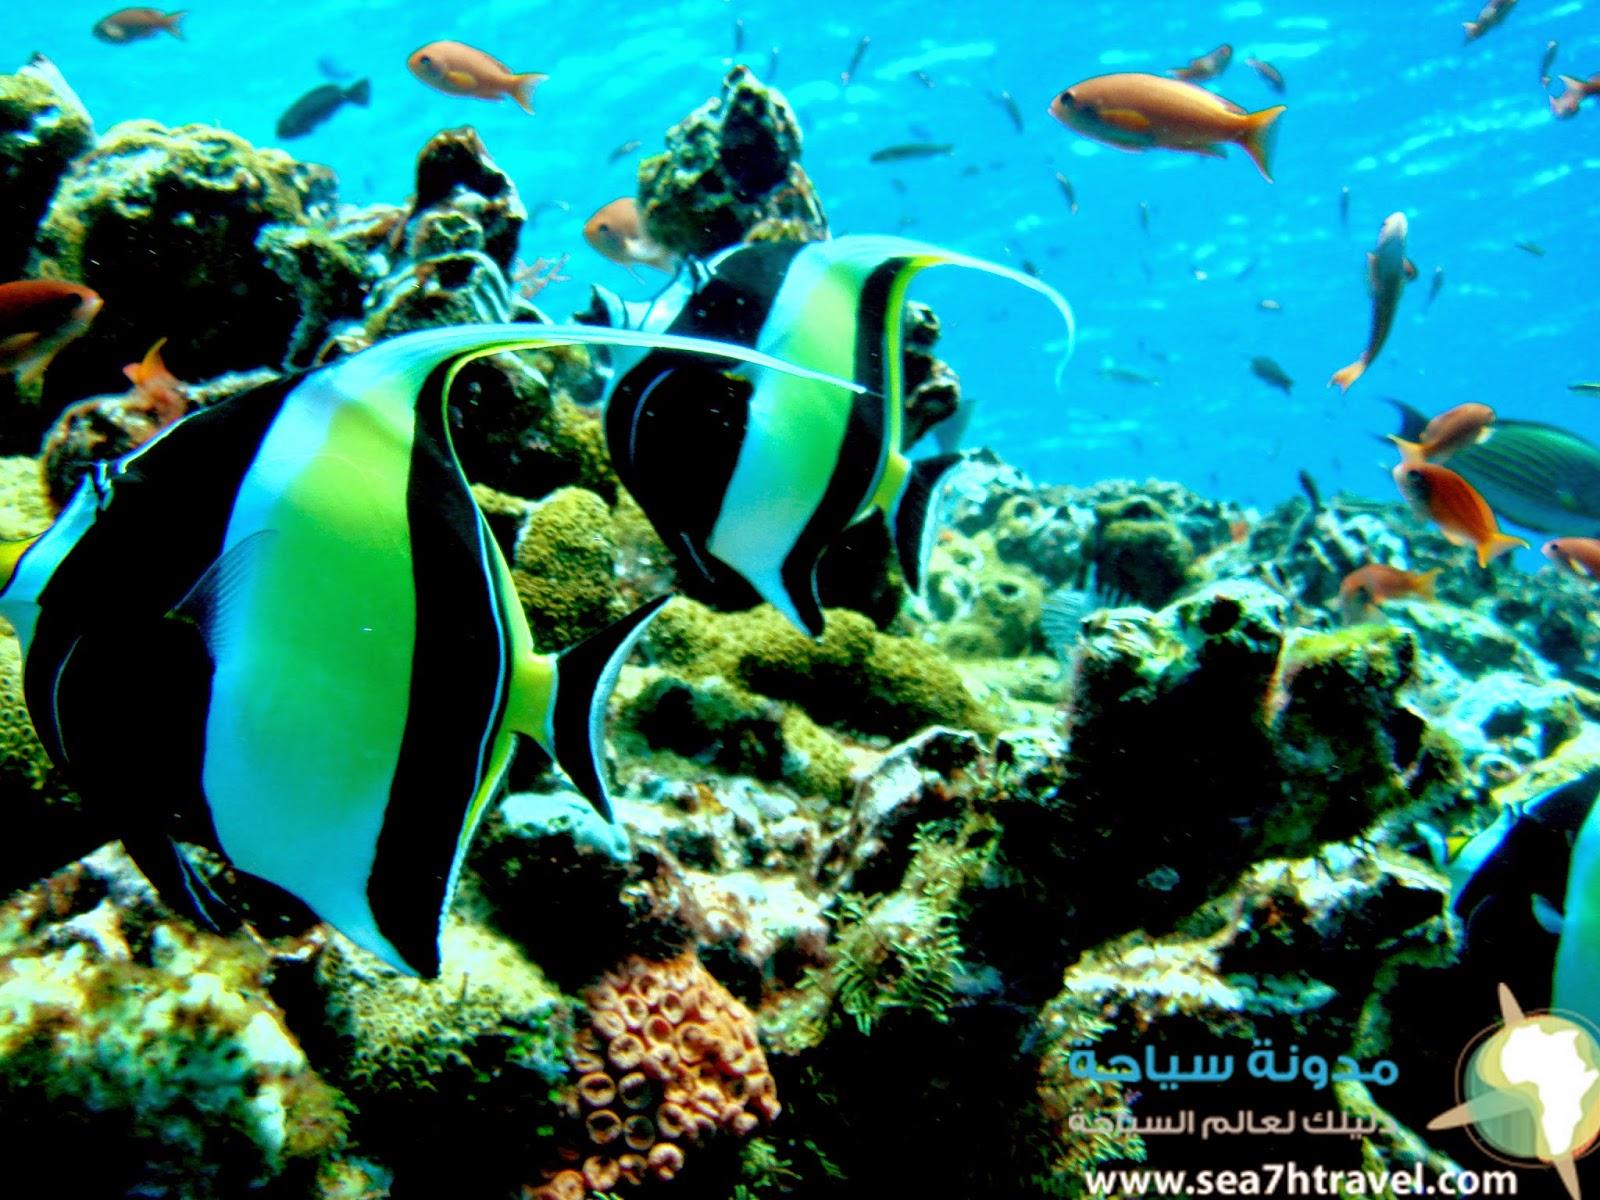 جزيرة مانتا بوينت بجزر المالديف Manta Point